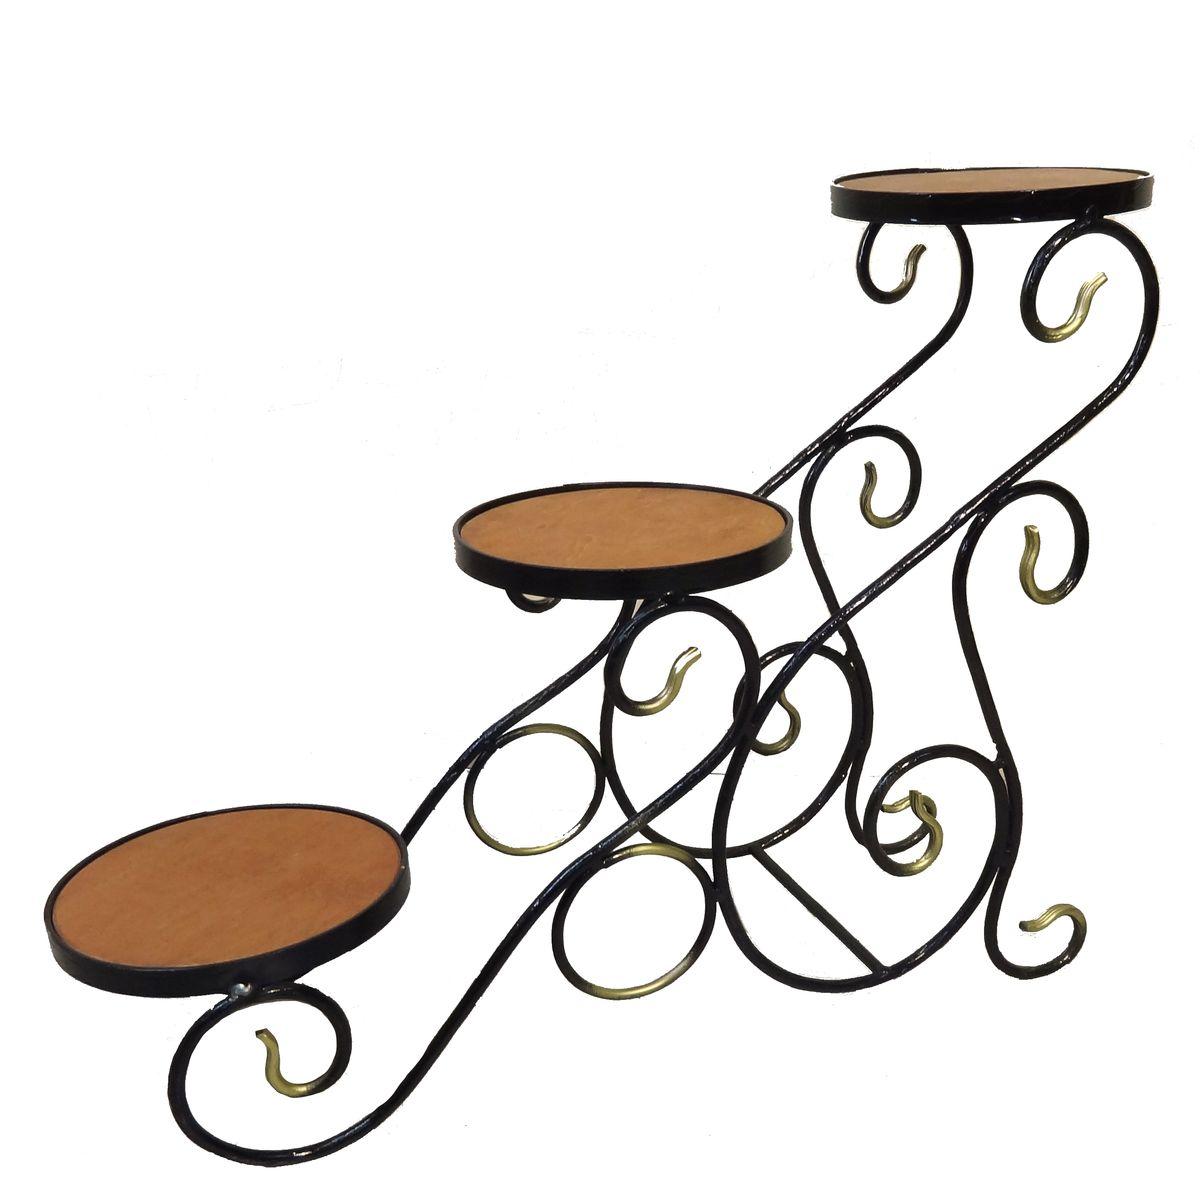 Подставка для цветов  Фабрика ковки , на 3 цветка, цвет: черный, коричневый, золотистый -  Садовый декор